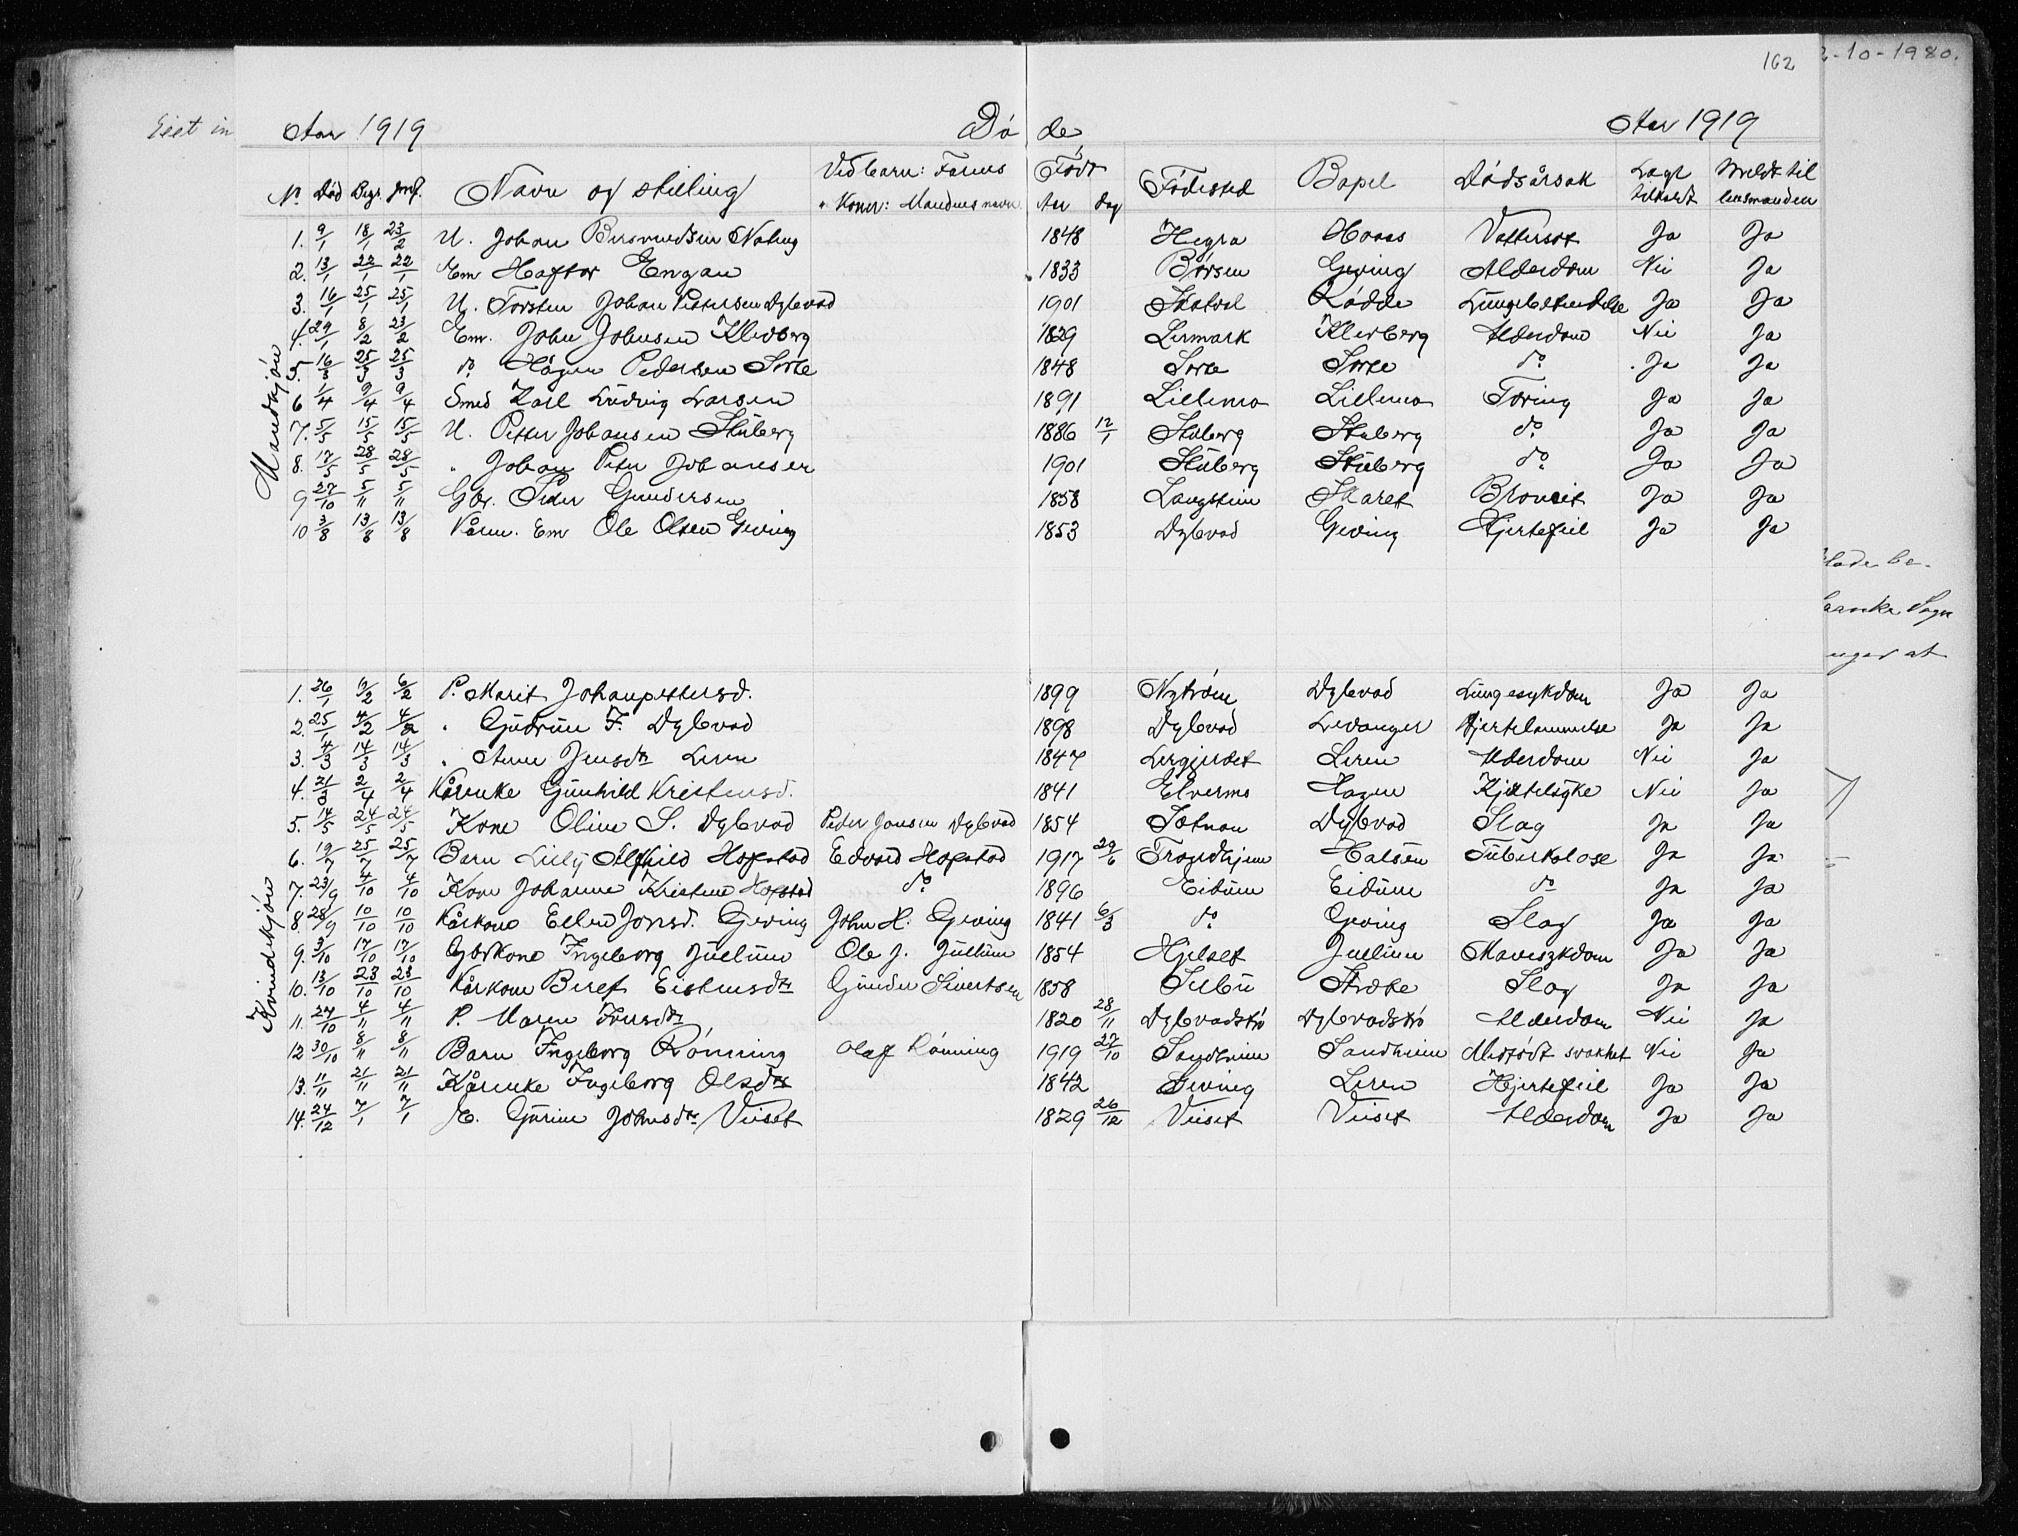 SAT, Ministerialprotokoller, klokkerbøker og fødselsregistre - Nord-Trøndelag, 710/L0096: Klokkerbok nr. 710C01, 1892-1925, s. 162